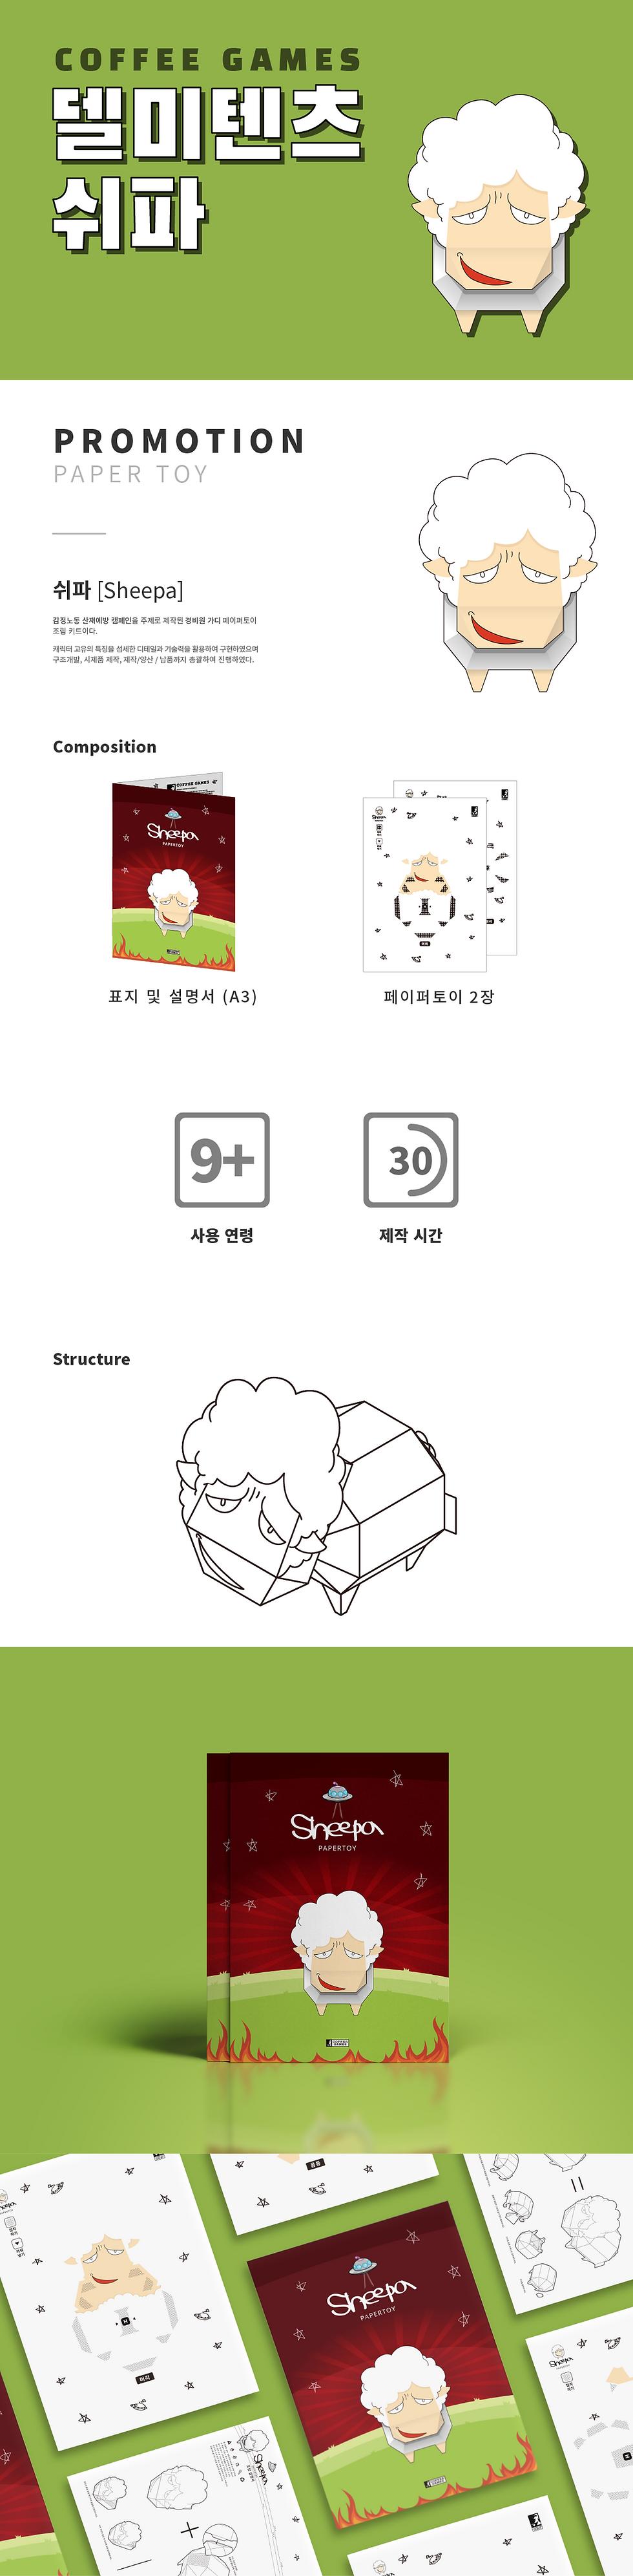 02-15. [2016] 델미텐츠_쉬파_상세페이지.png